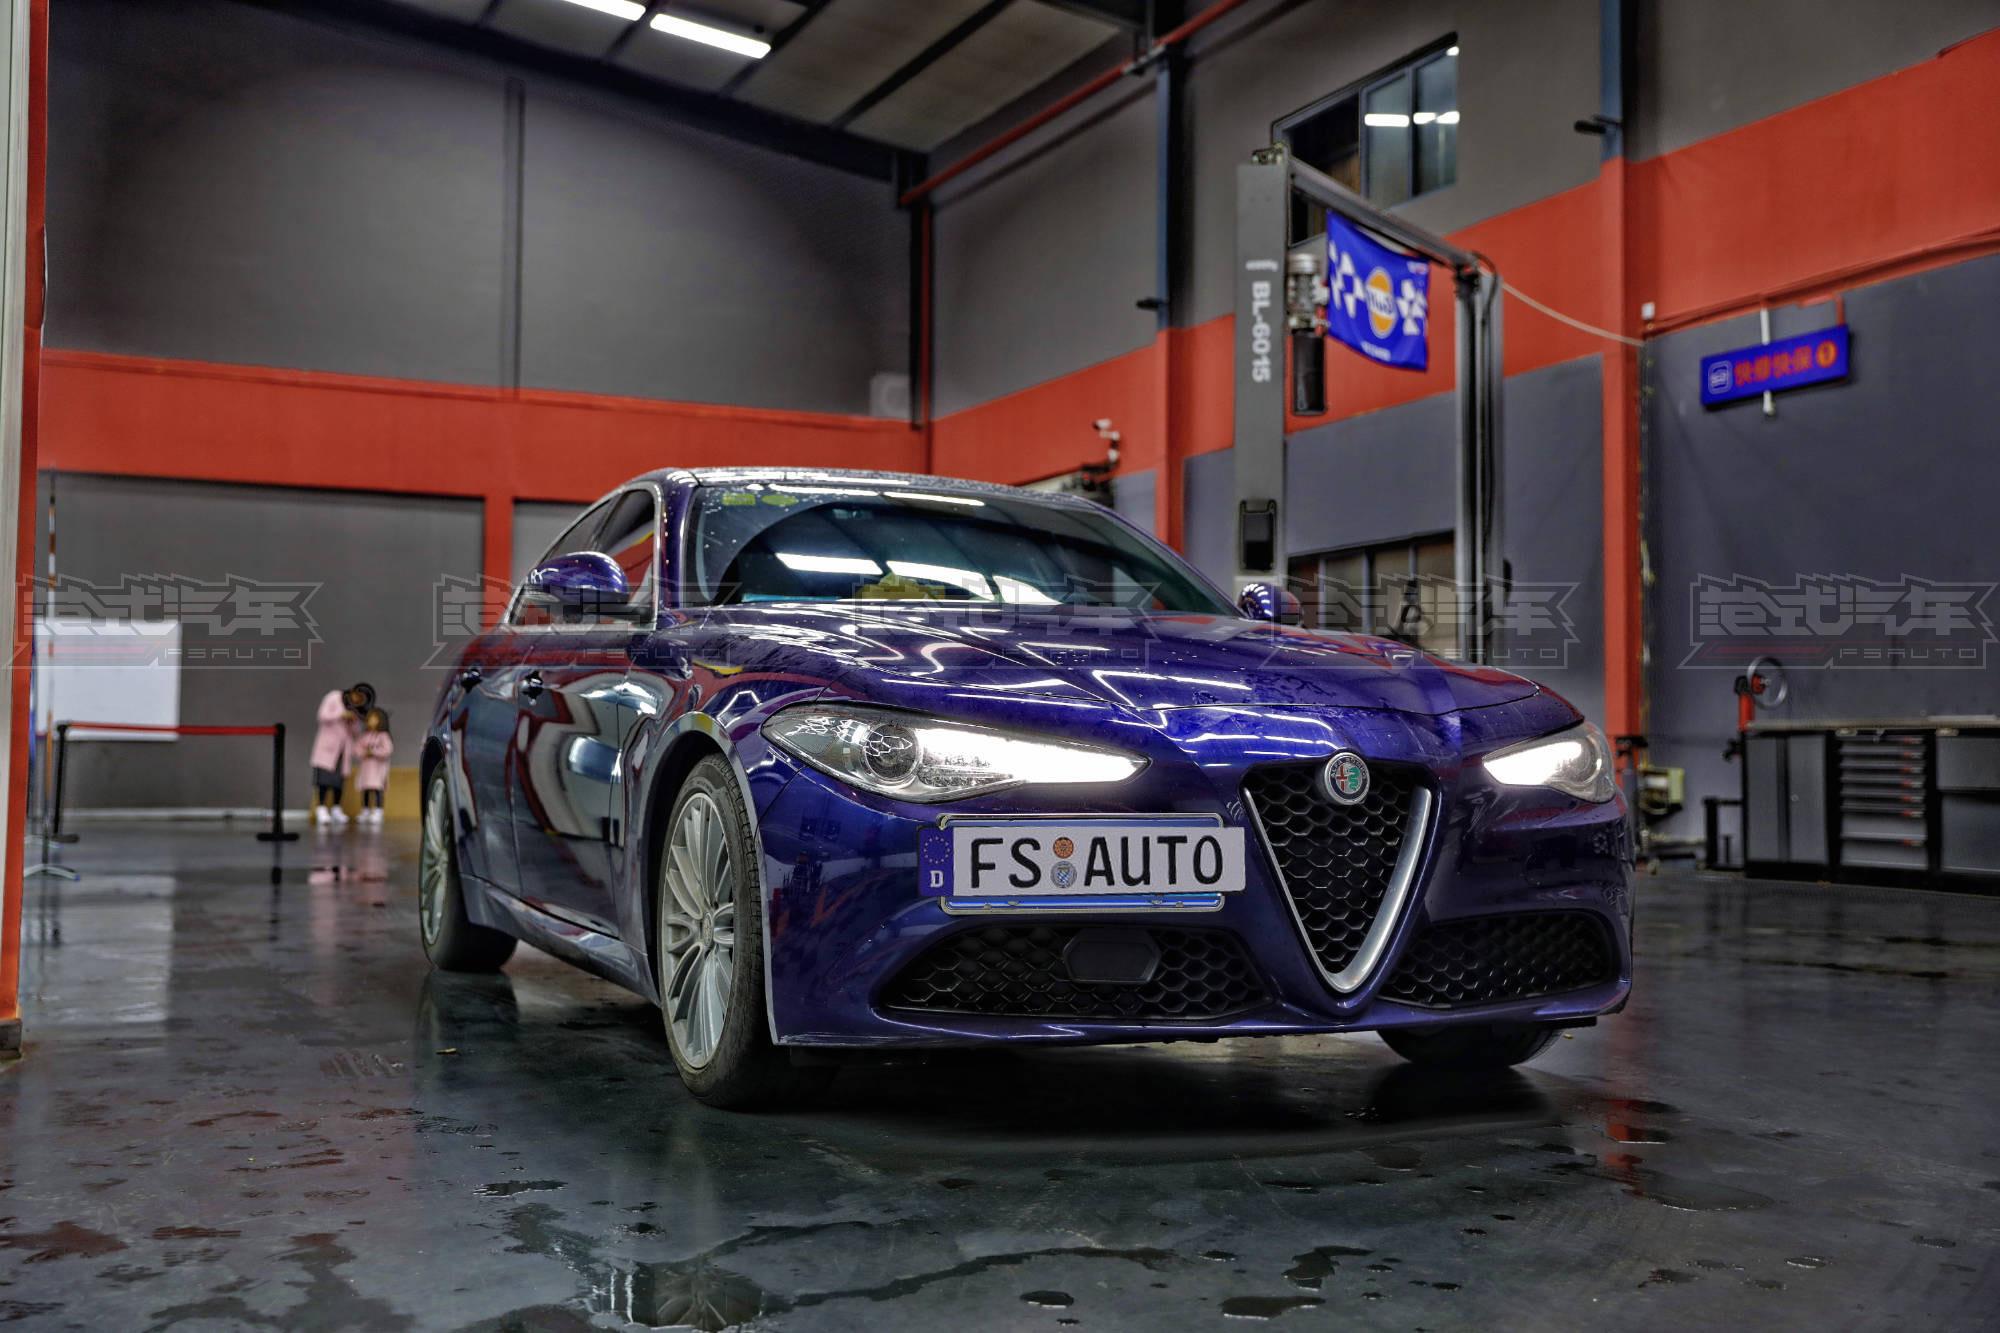 阿尔法罗密欧Giulia 刷ecu动力升级 风情万种!